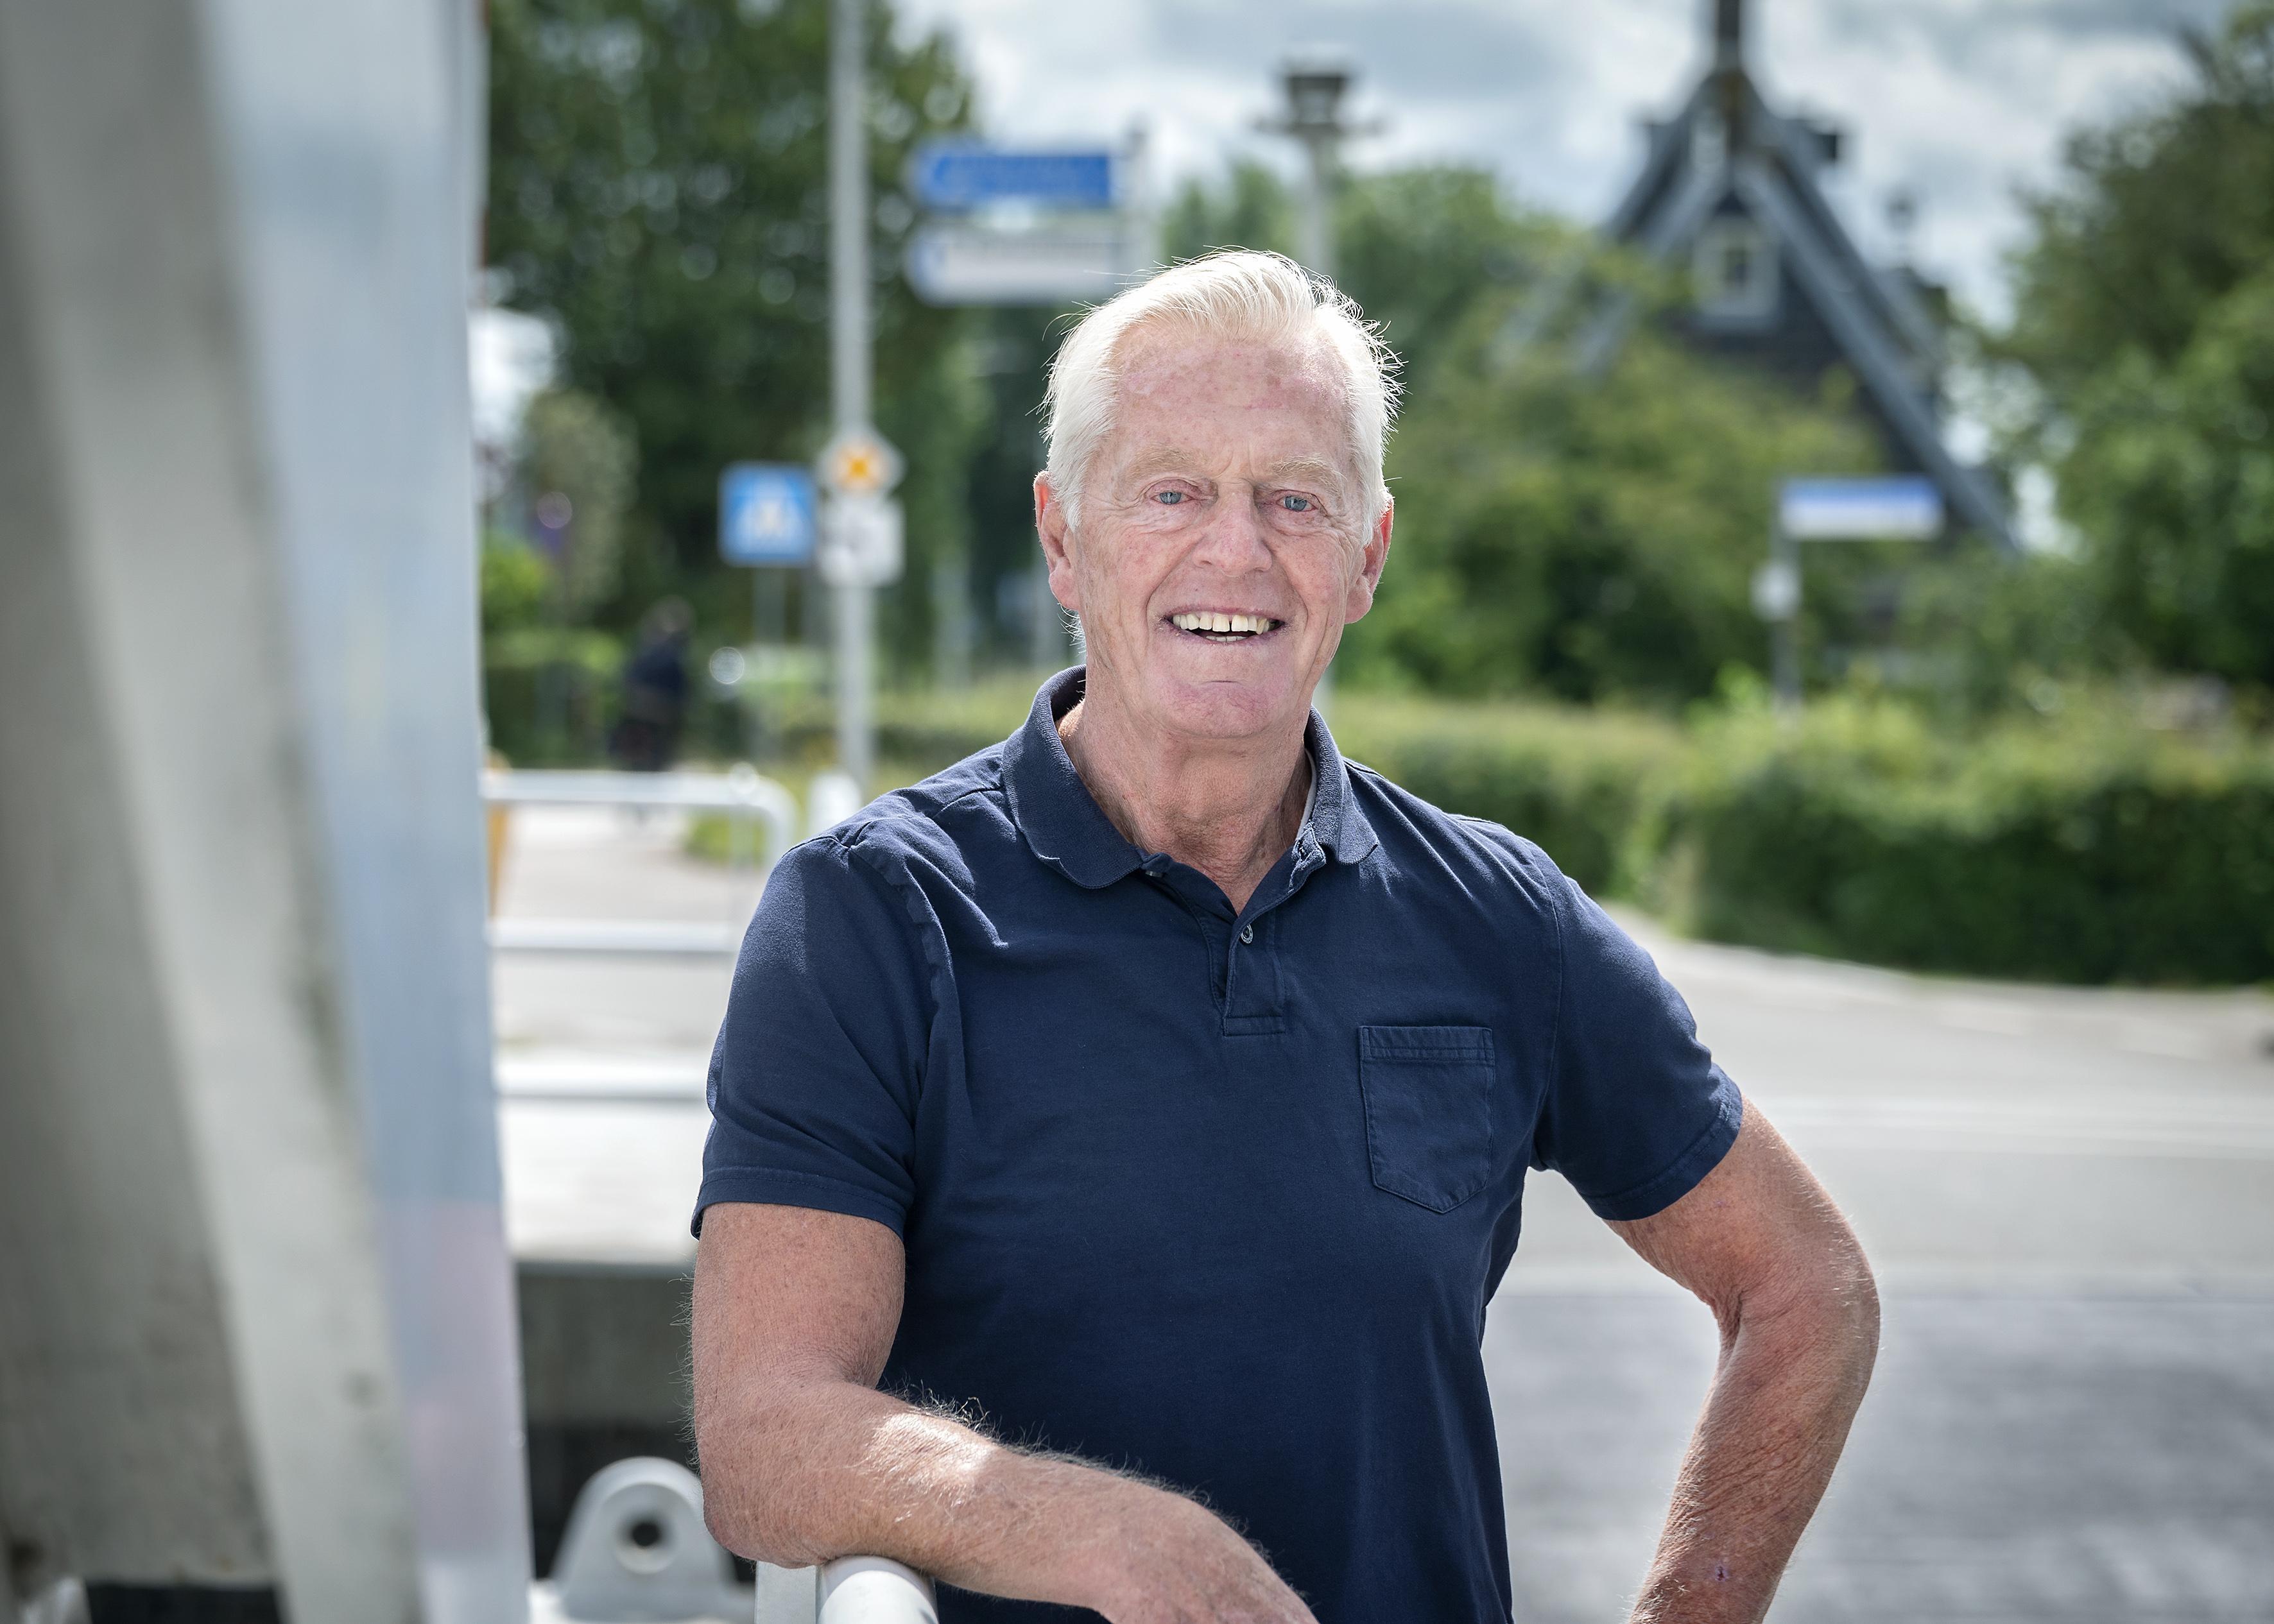 Gerrit Peijs kreeg als voetballer van Haarlem wel eens wat toegestopt van een supporter: 'Ik mocht van mijn vader nog geen contract tekenen'